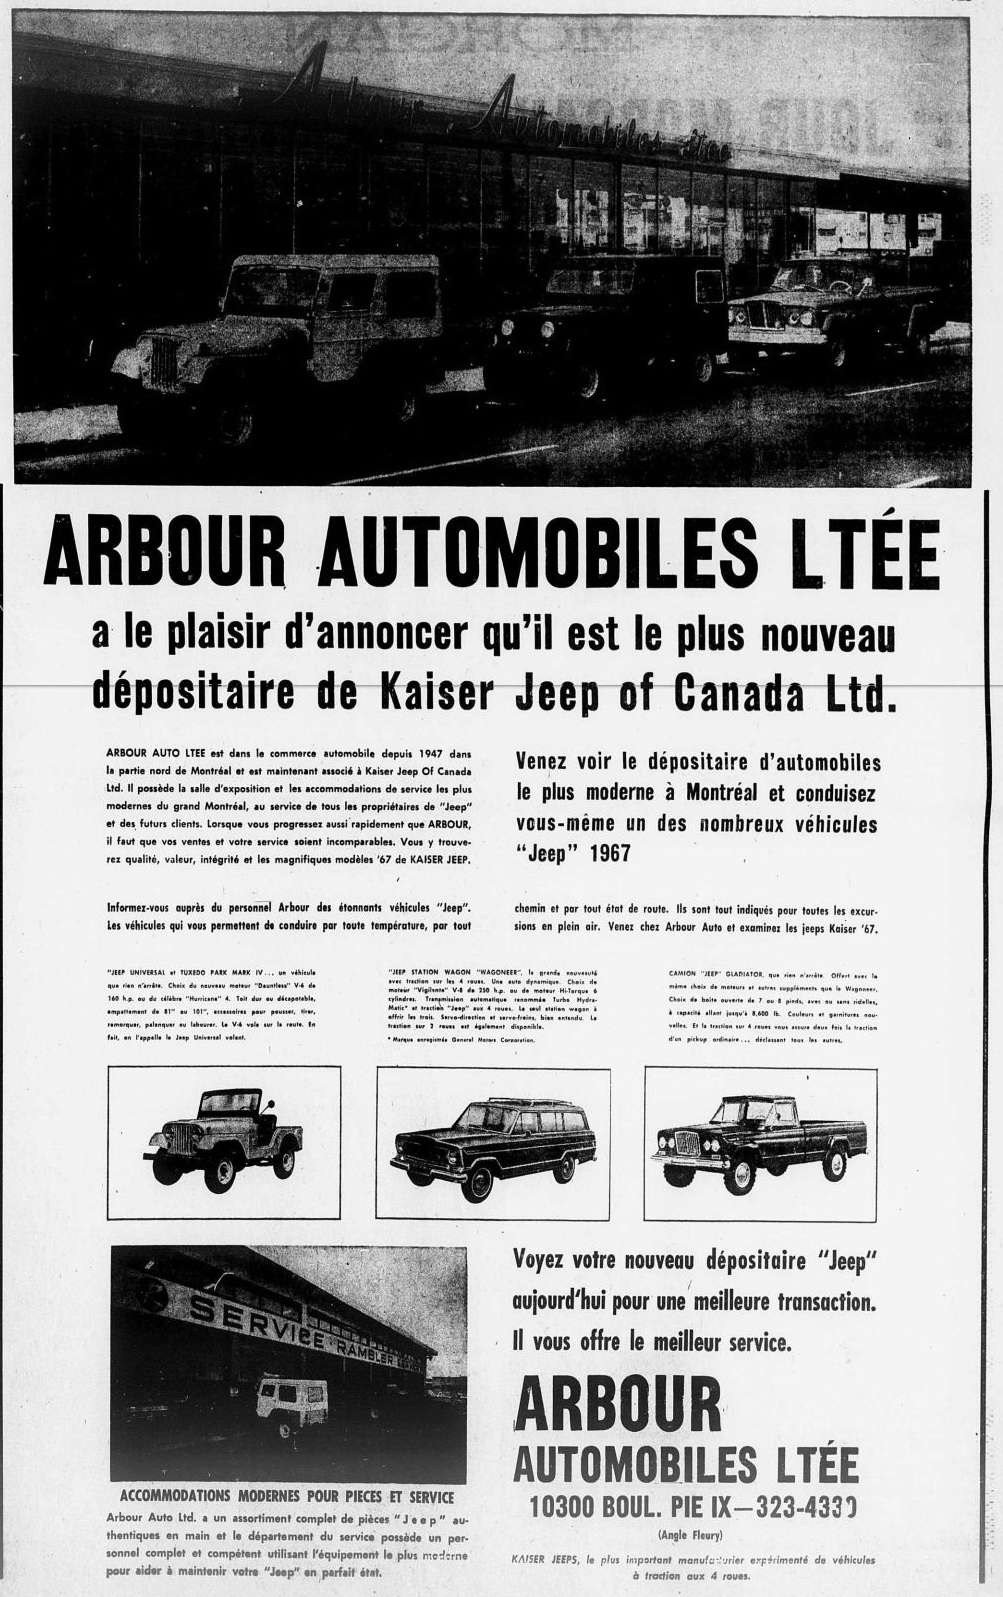 Vieilles publicités AMC au Québec - Page 2 1966_073